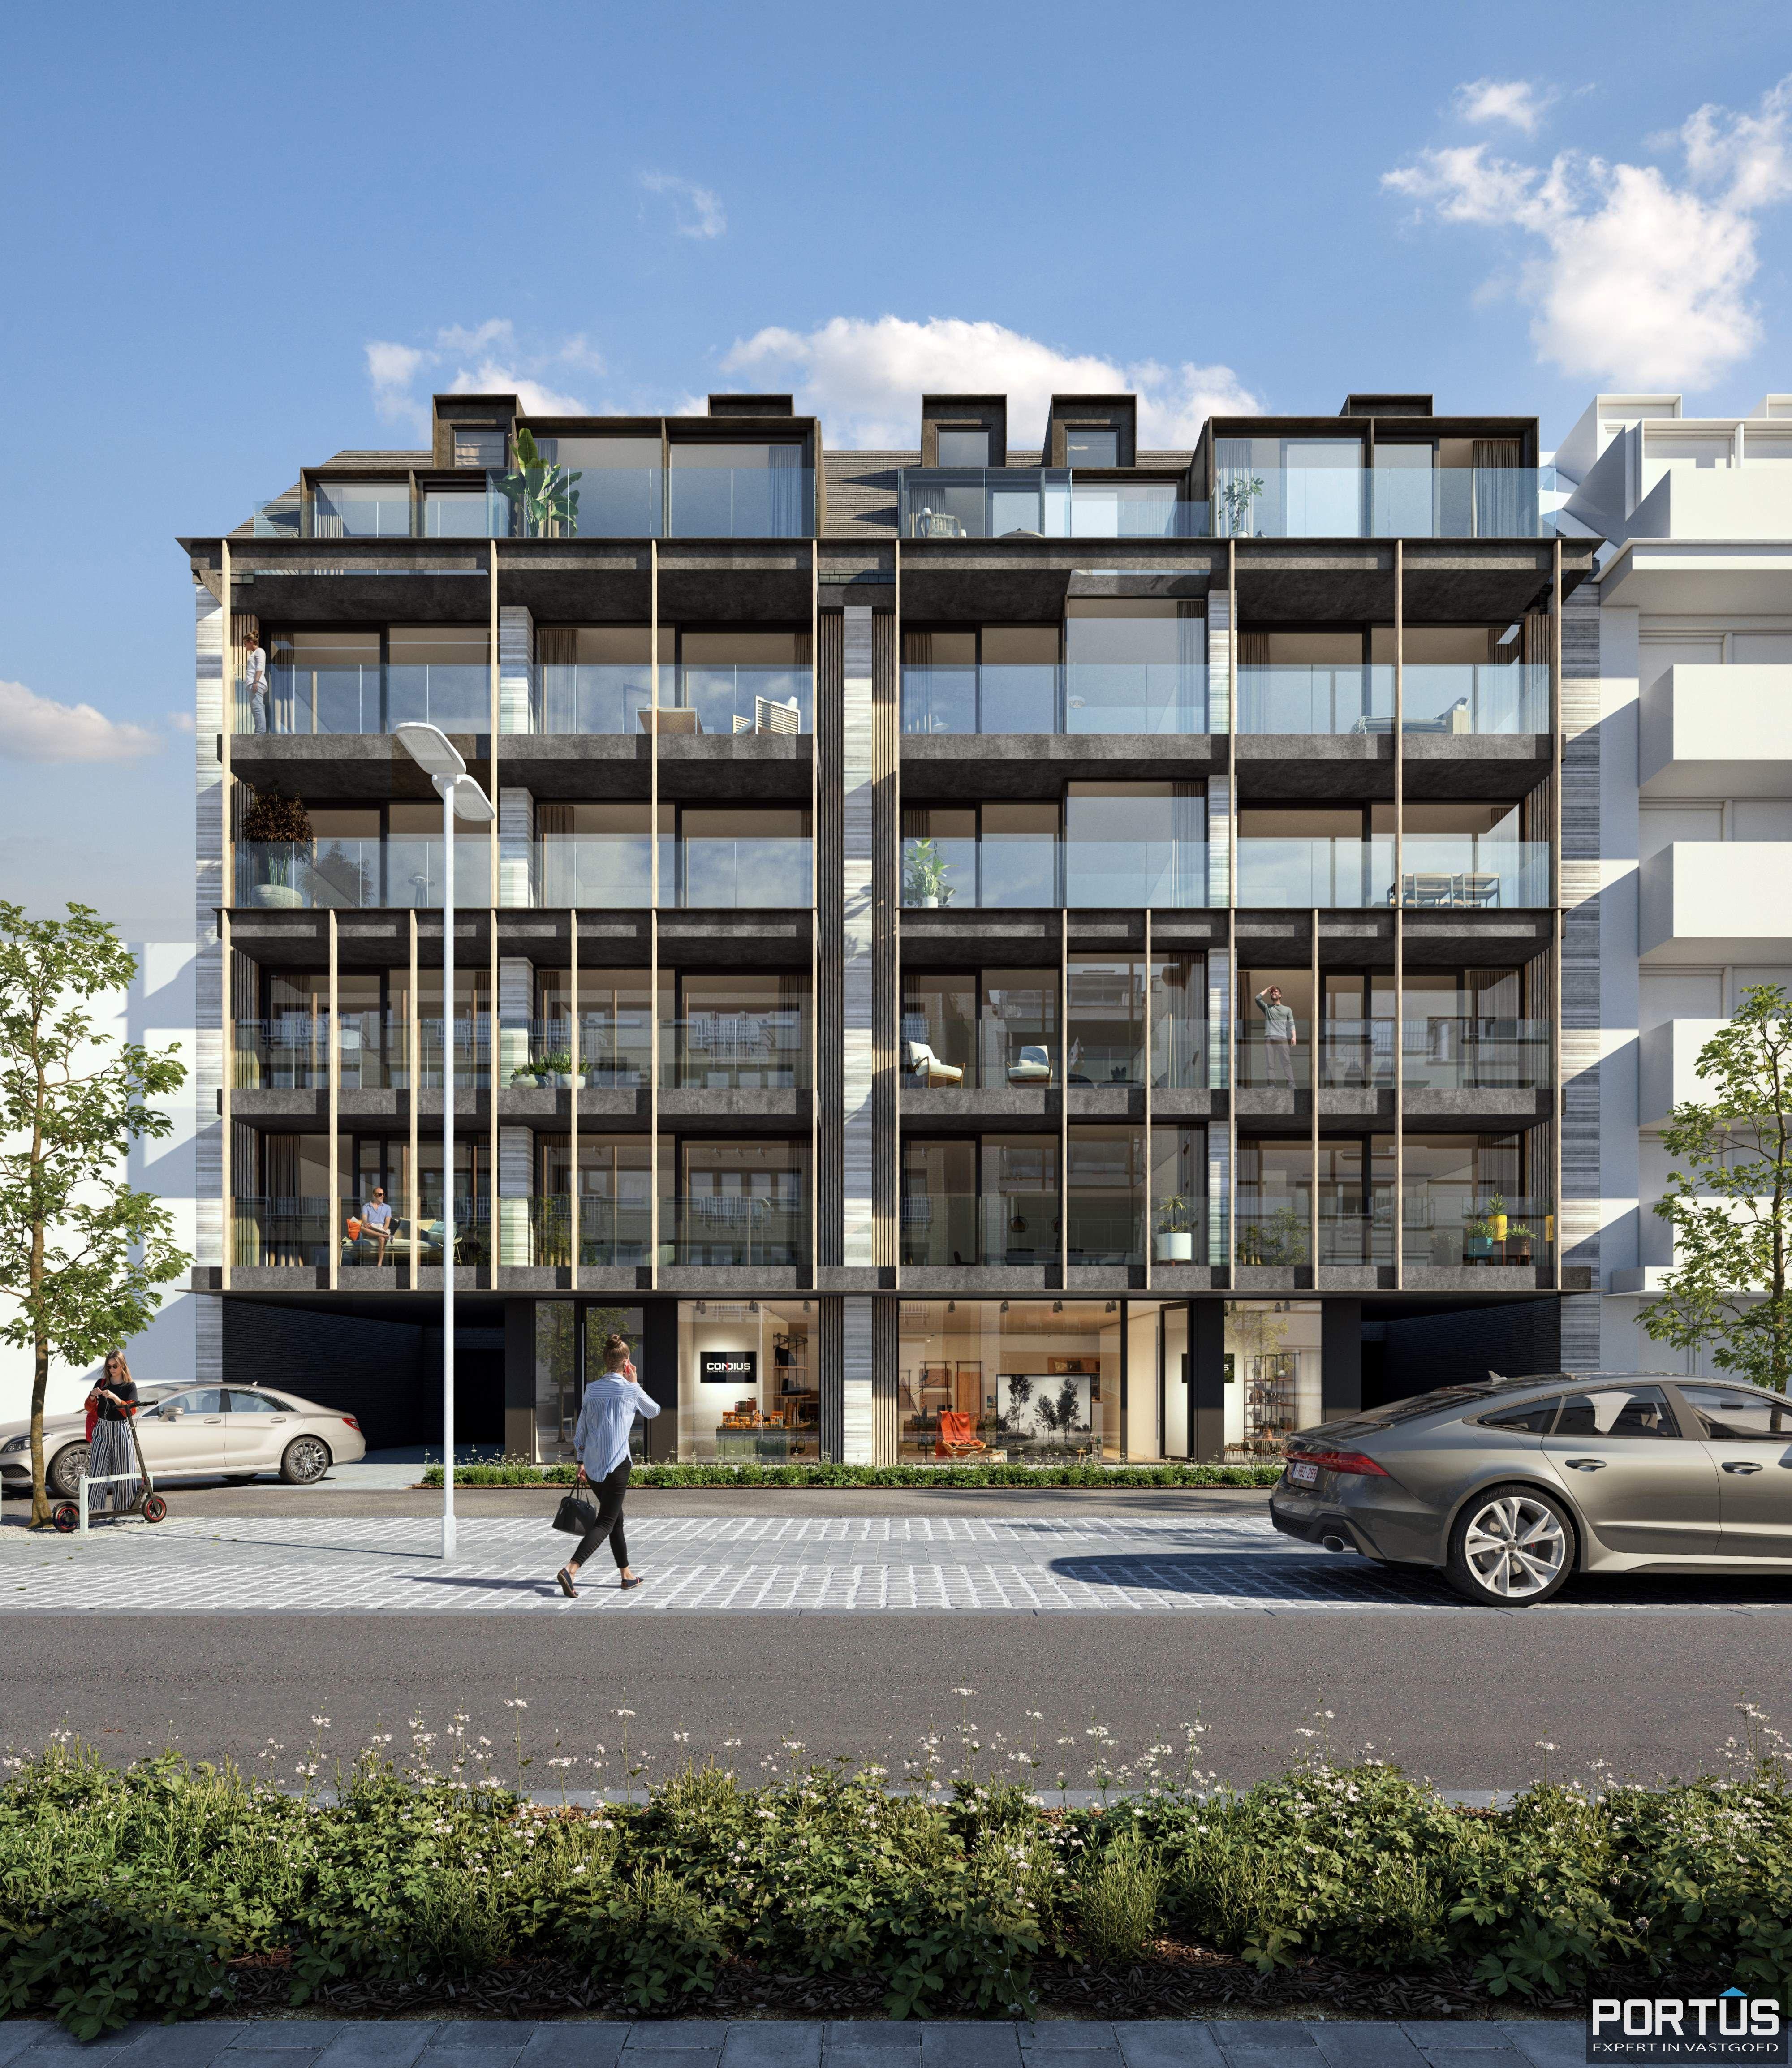 Appartement met 2 slaapkamers te koop in nieuwbouwresidentie Lectus IX te Nieuwpoort - 11923